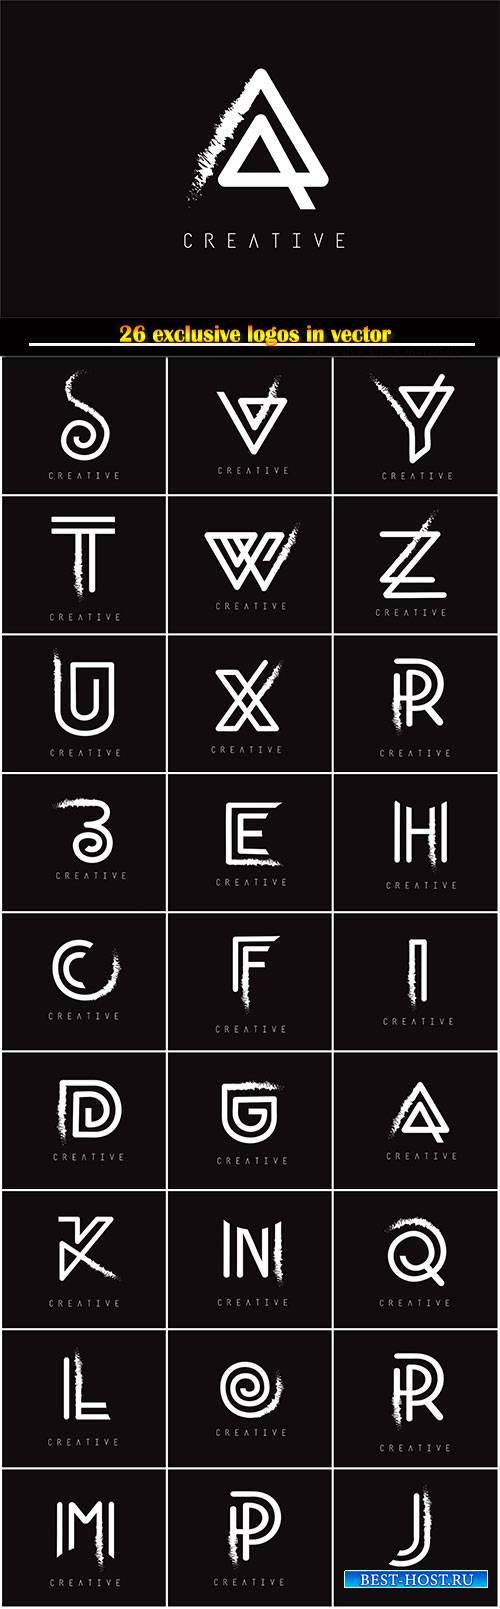 Monogram letter design brush paint stroke, logo vector illustration